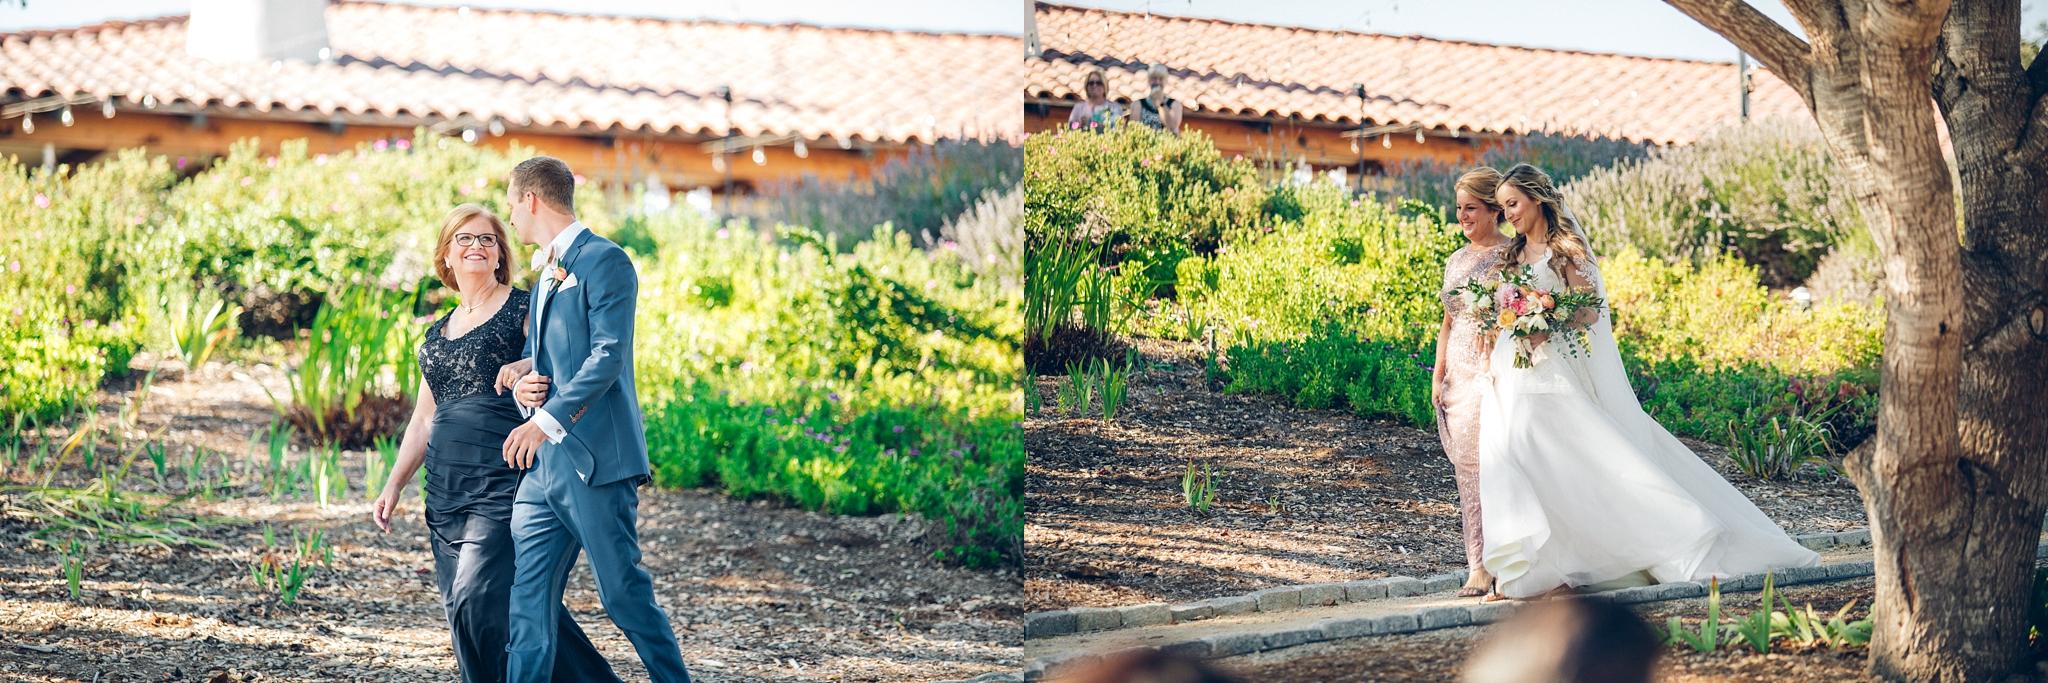 SanLuisObispoWeddingPhotographer_0149.jpg